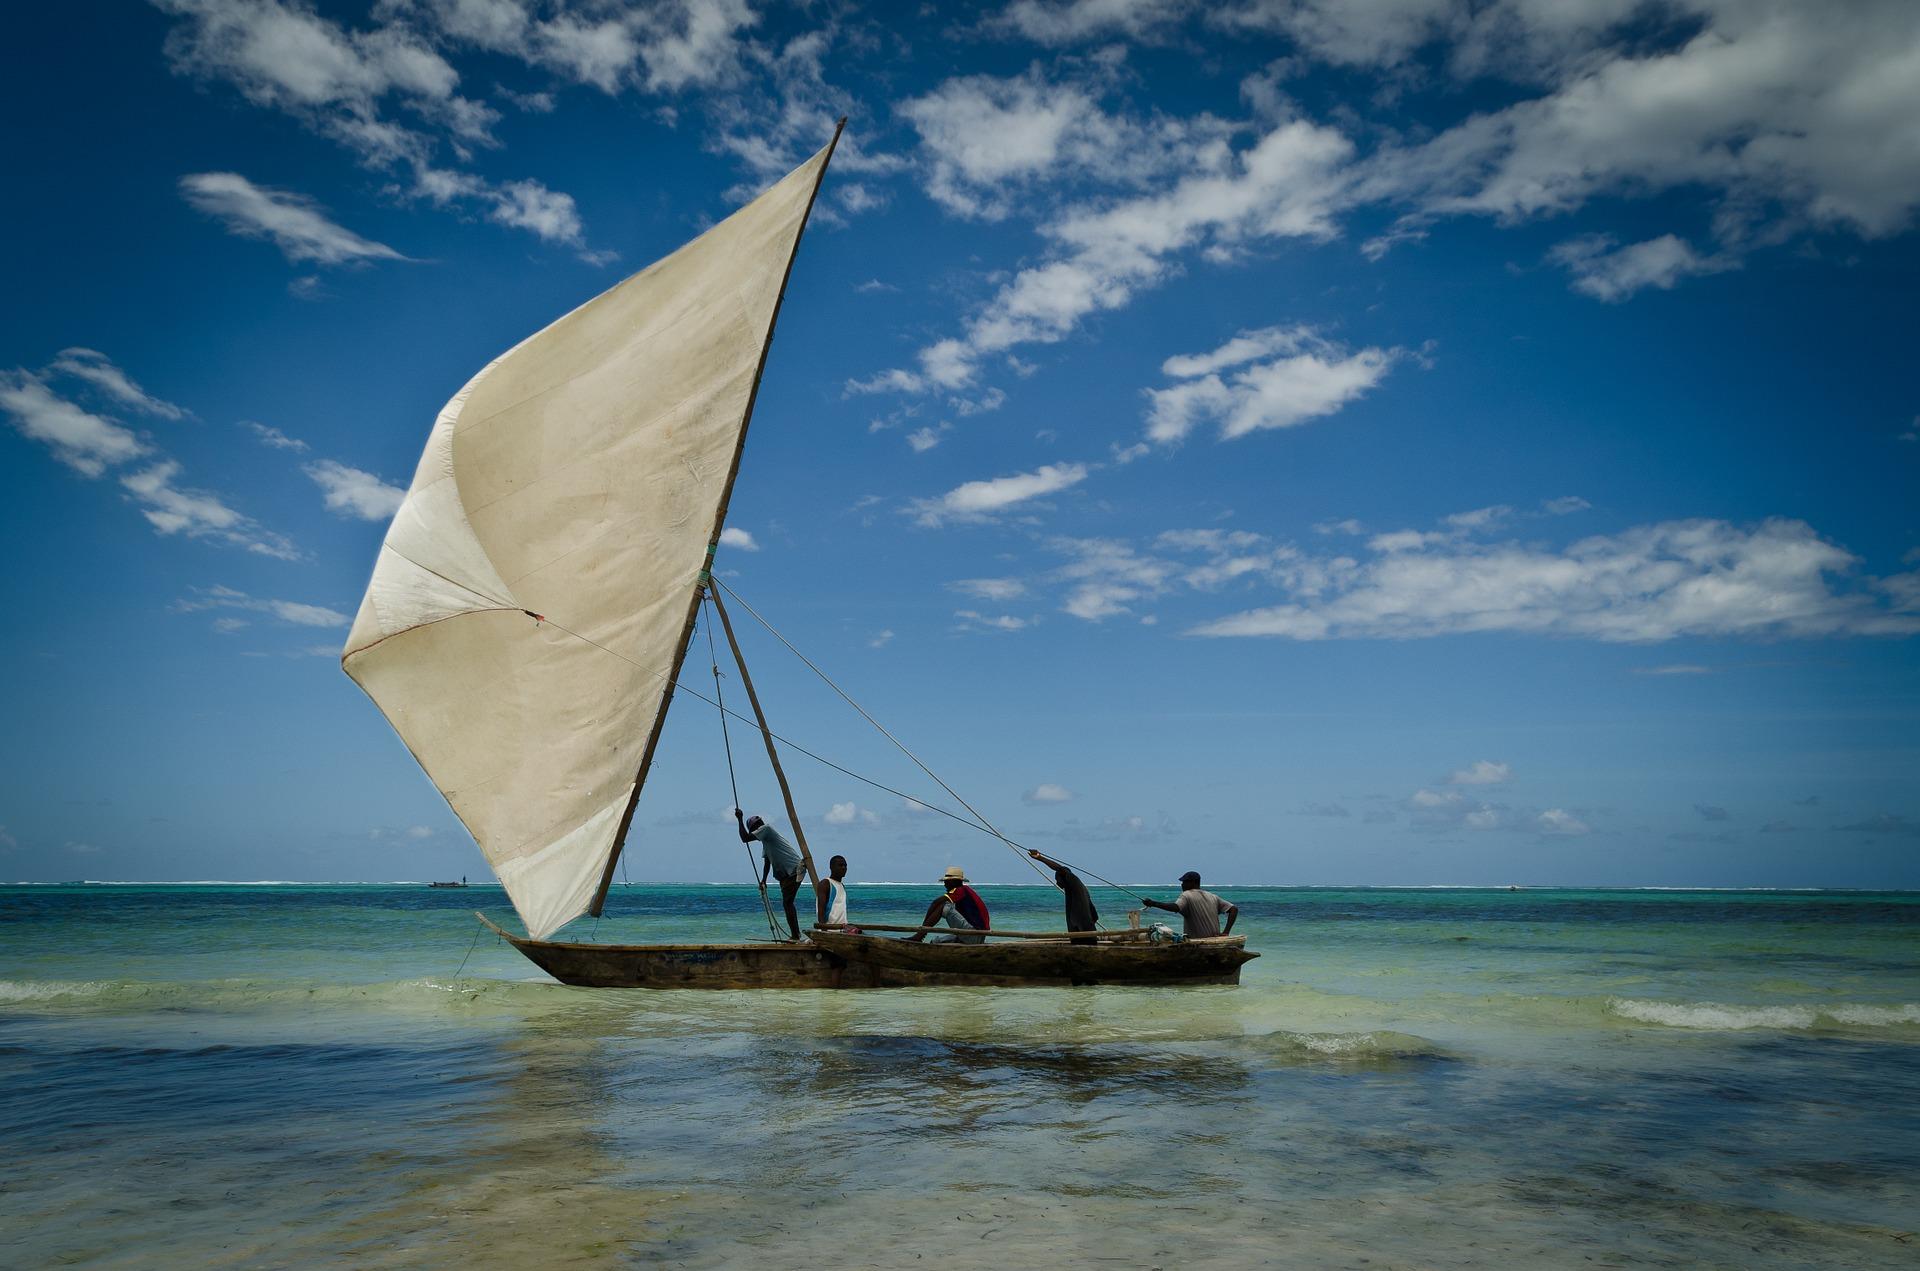 Ζανζιβάρη, βάρκα, κερί, Θάλασσα, Ουρανός, Χαλαρώστε, Πλοήγηση, Μπλε - Wallpapers HD - Professor-falken.com